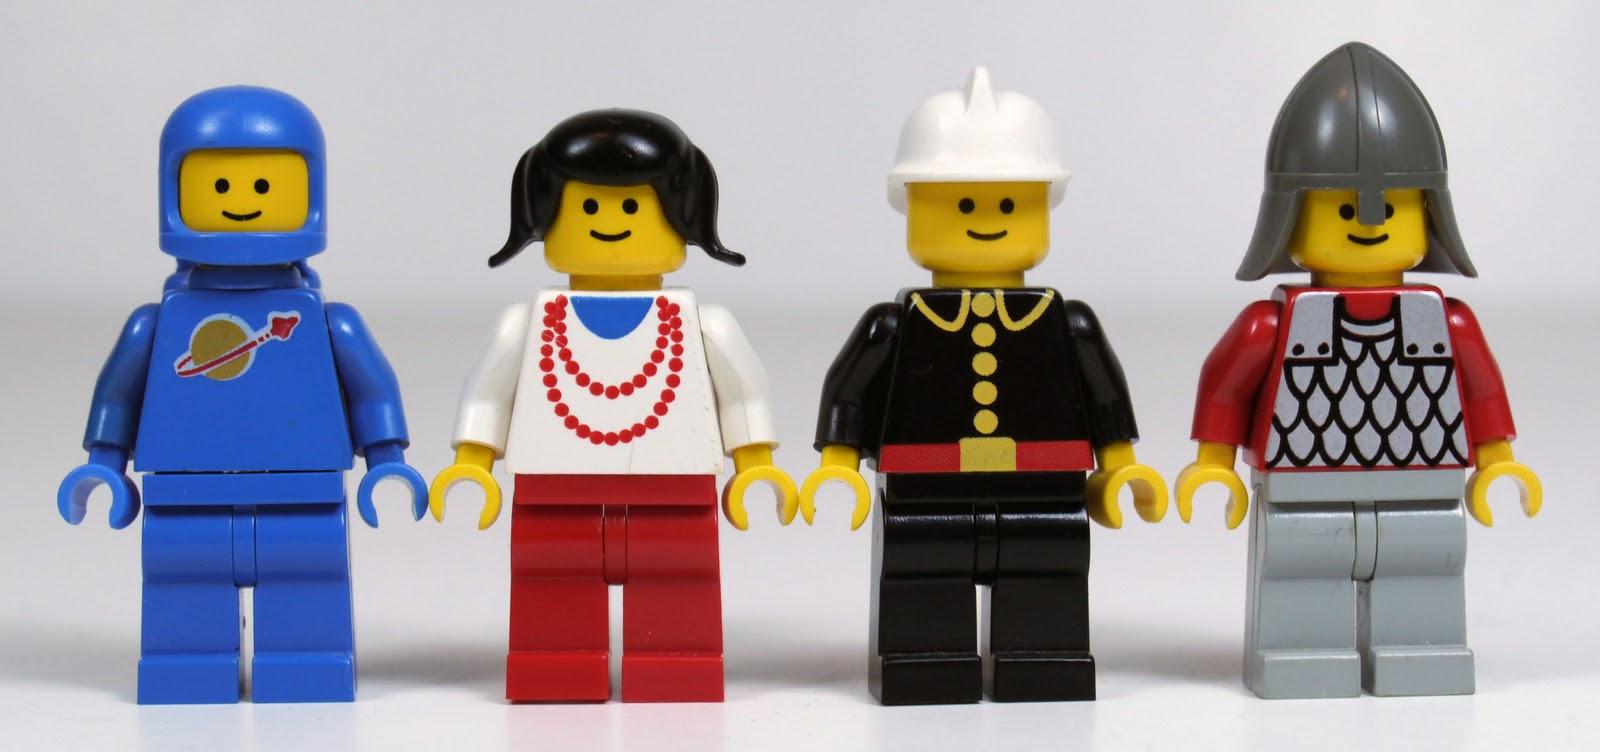 image lego minifigures face - photo #9